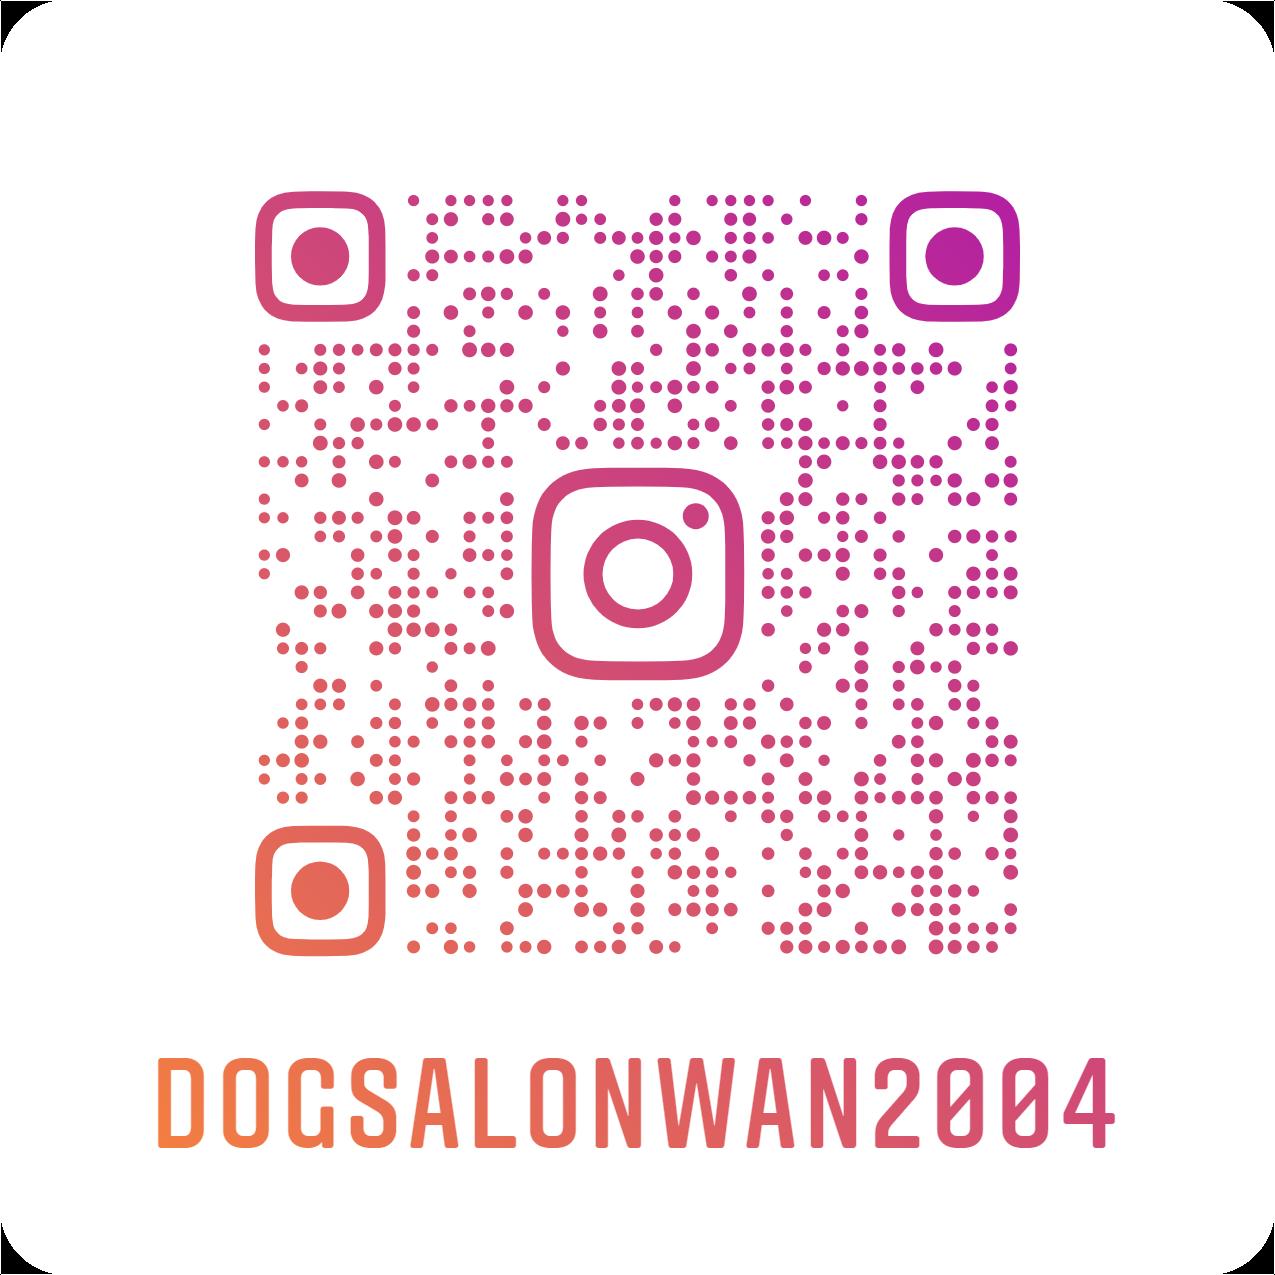 dogsalonwan2004_nametag_2021041813334343b.png